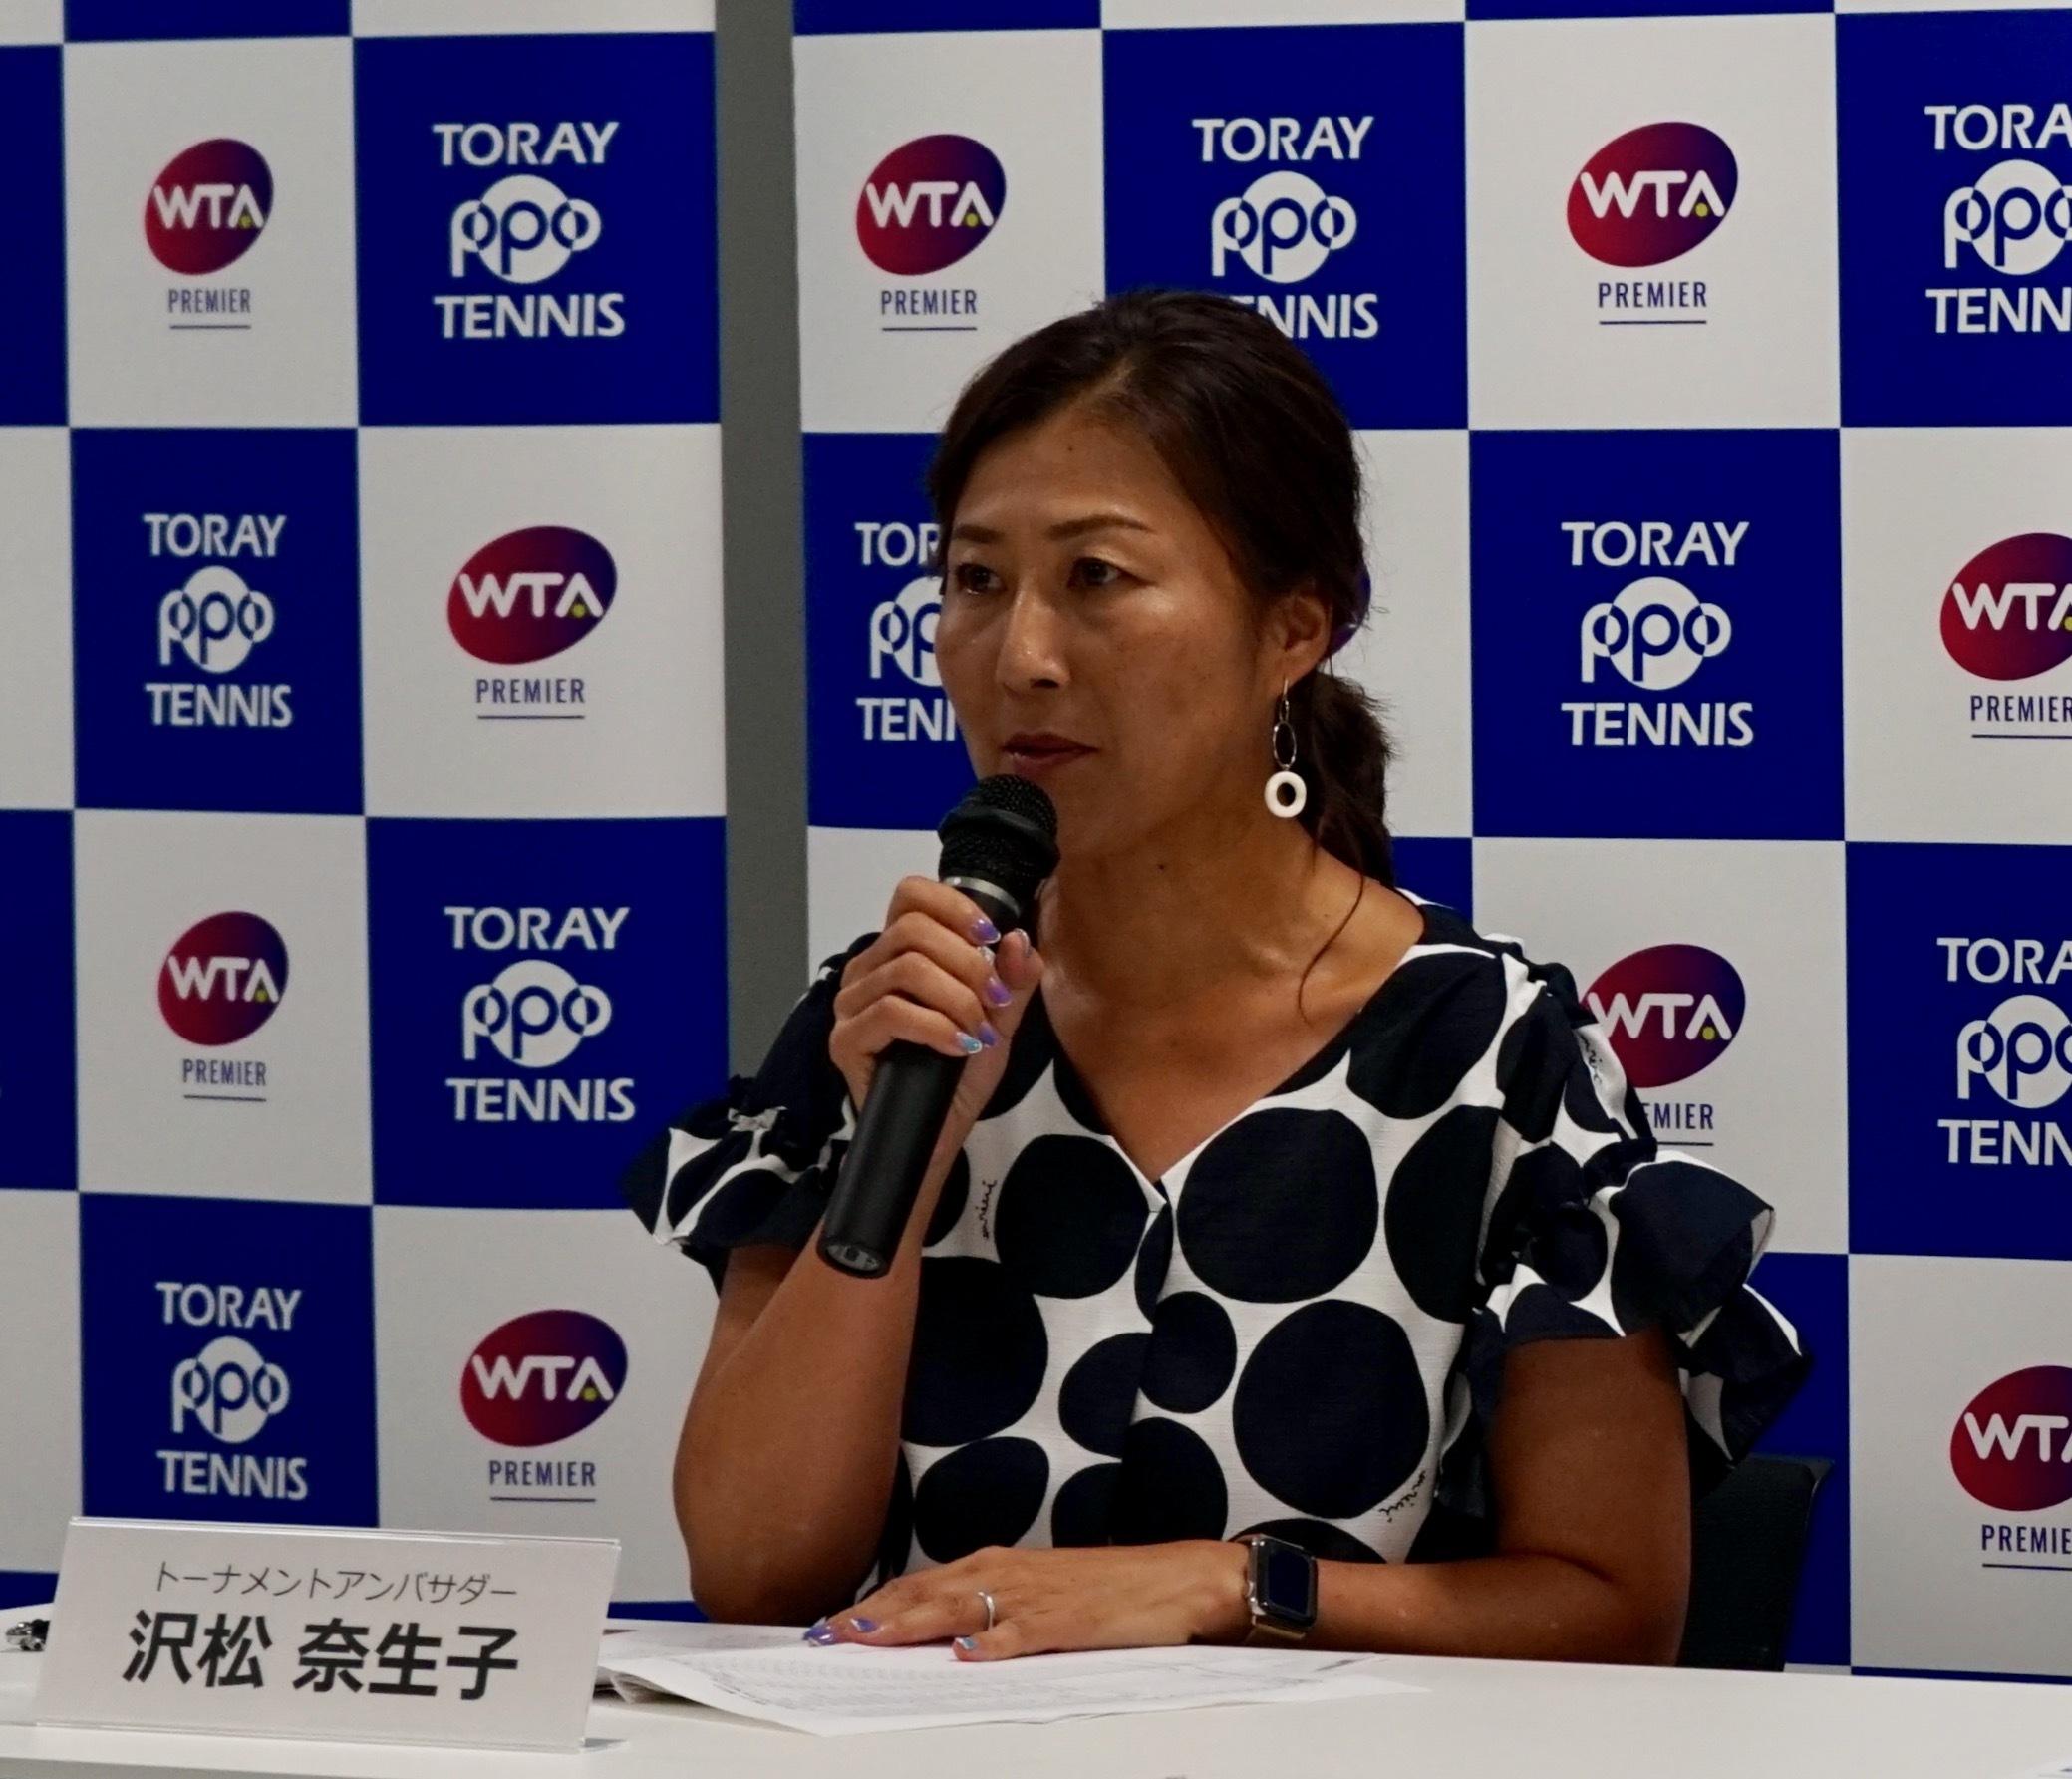 大会の見どころを話す沢松奈生子トーナメントアンバサダー